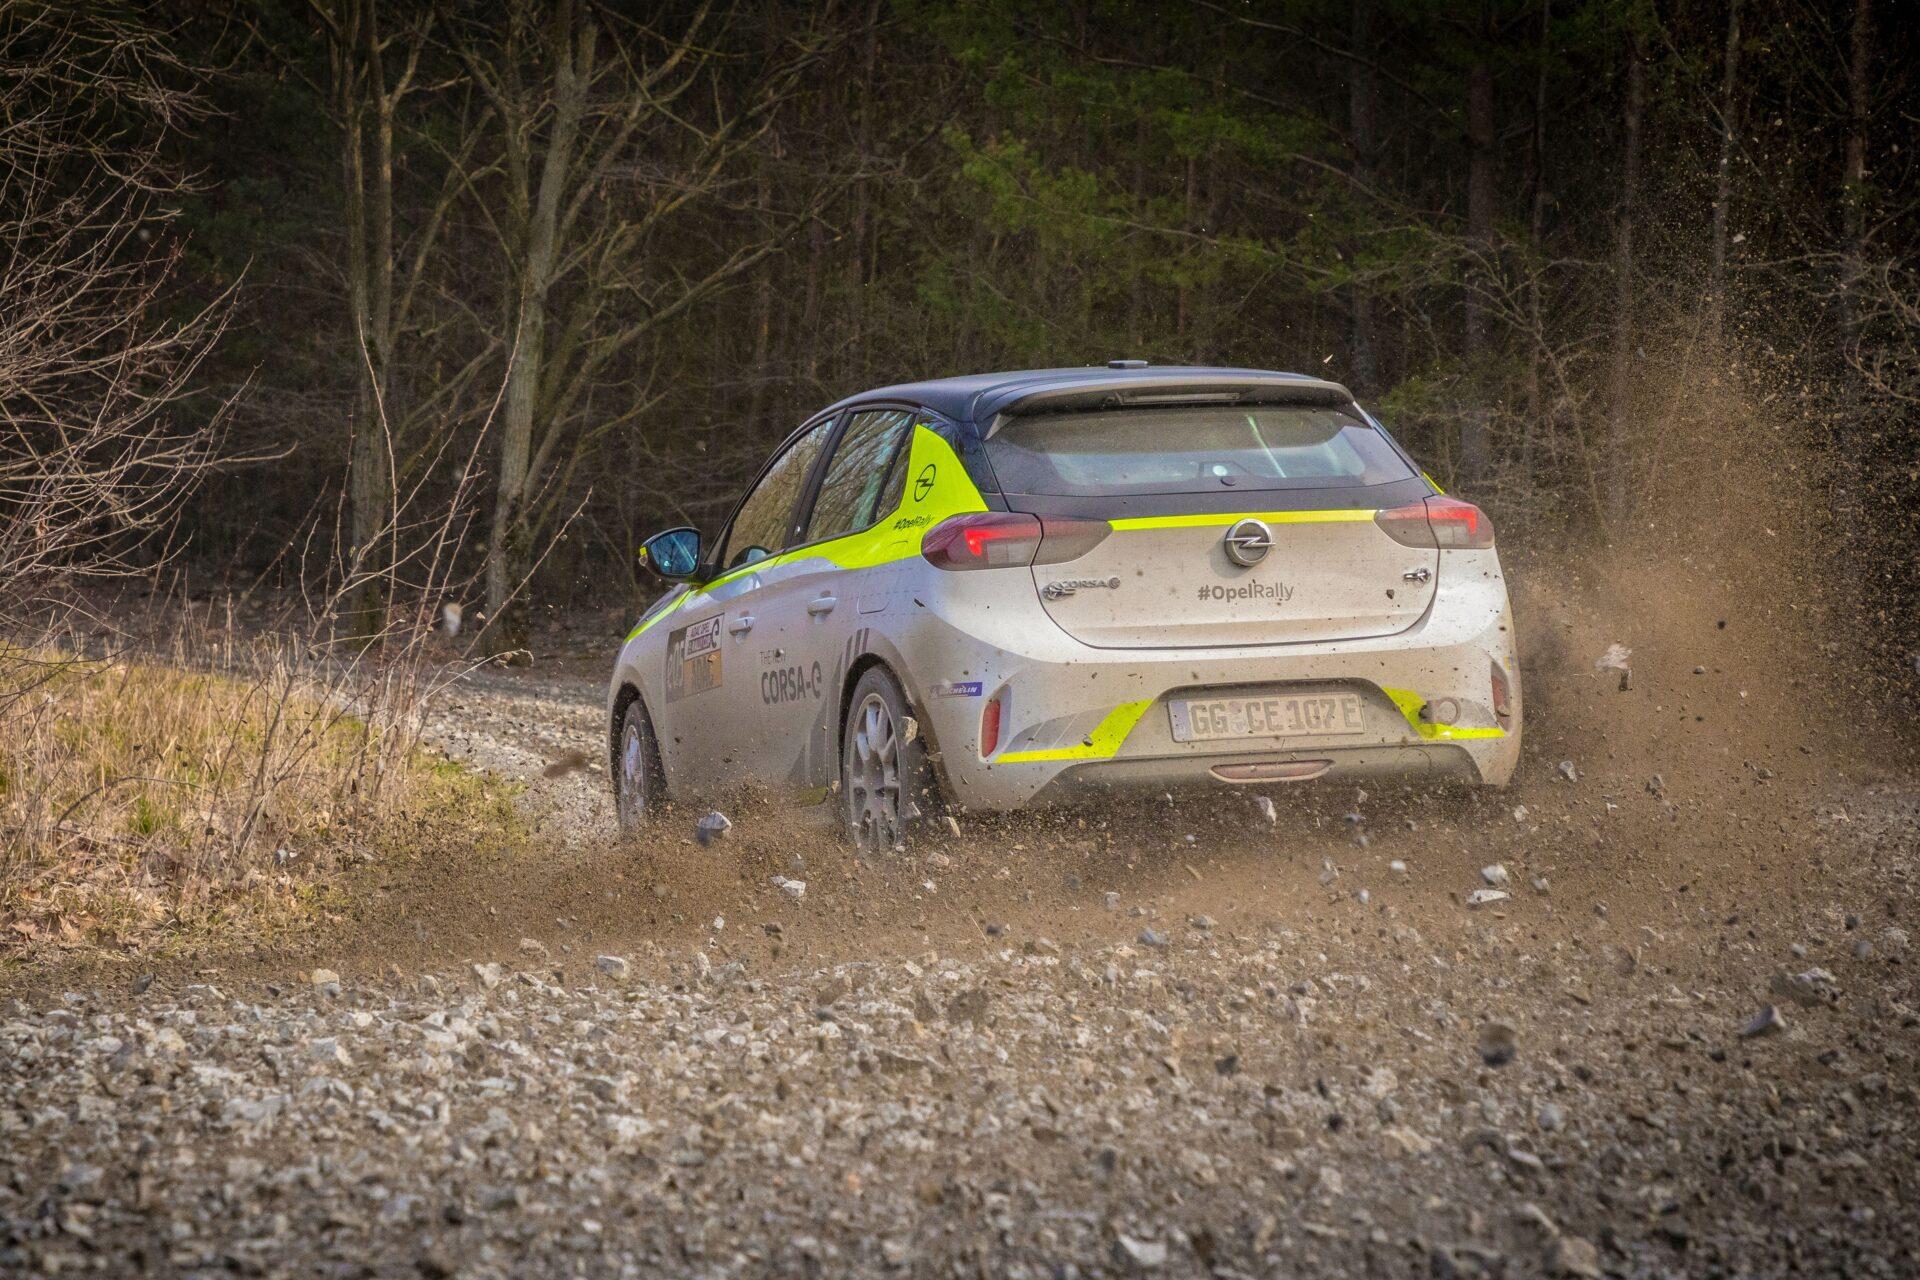 Η πατέντα που βρήκε η Opel ώστε να ακούγεται το Corsa-e Rally